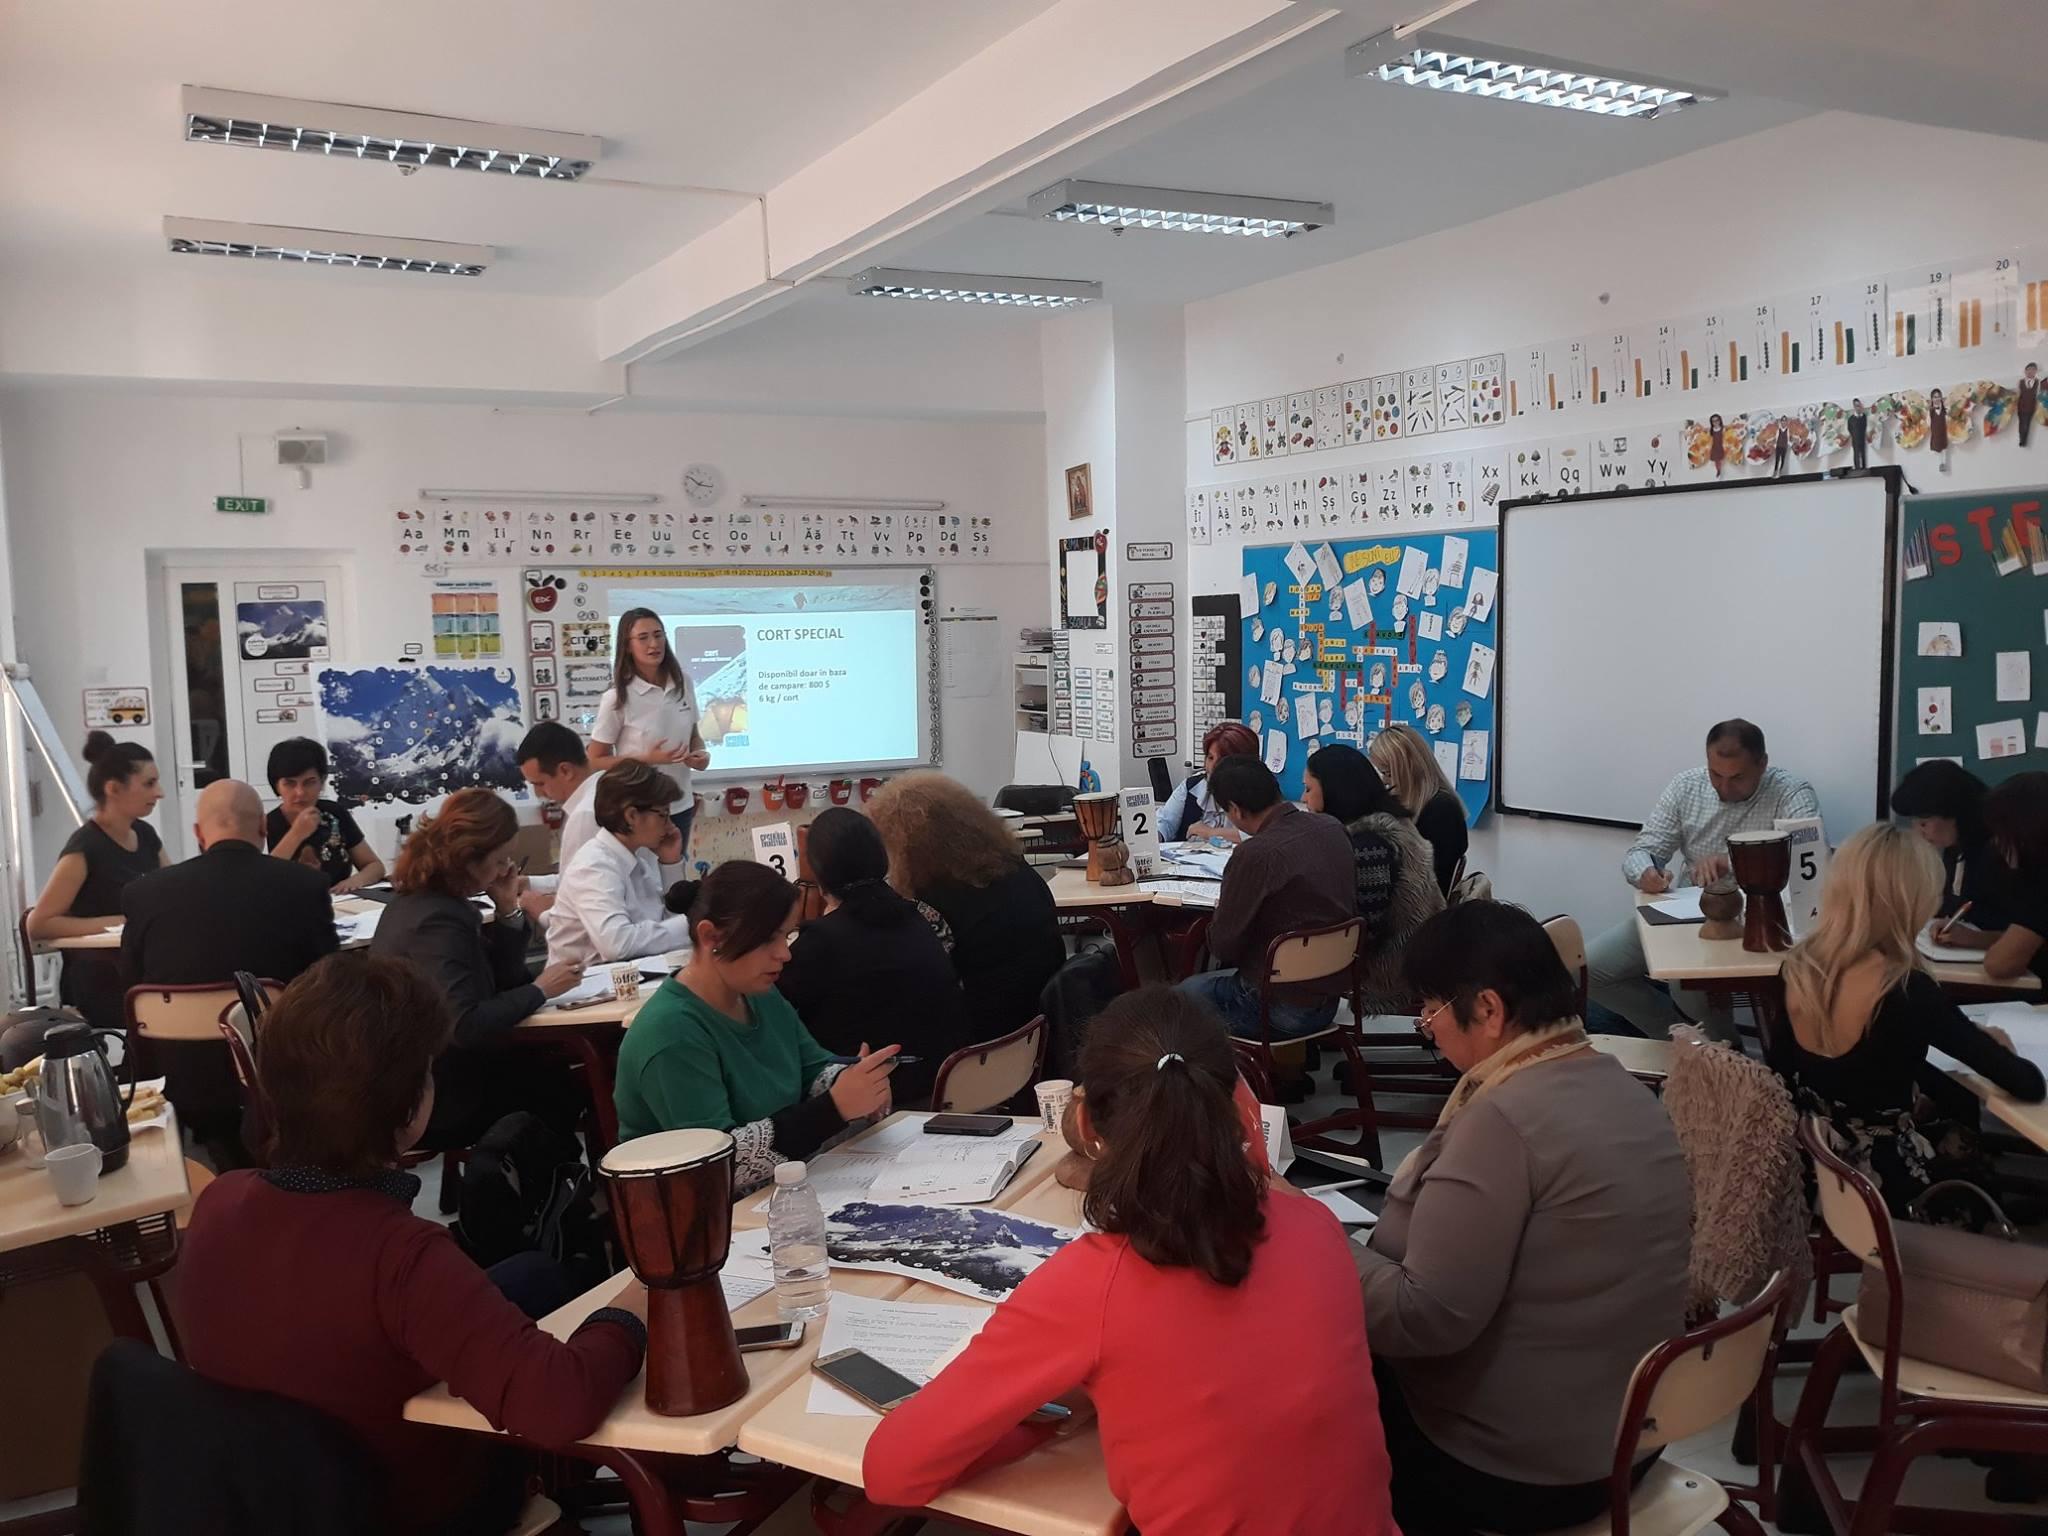 Asociația Ascendis a oferit traininguri pro-bono pentru profesioniști în educație publică și ONG